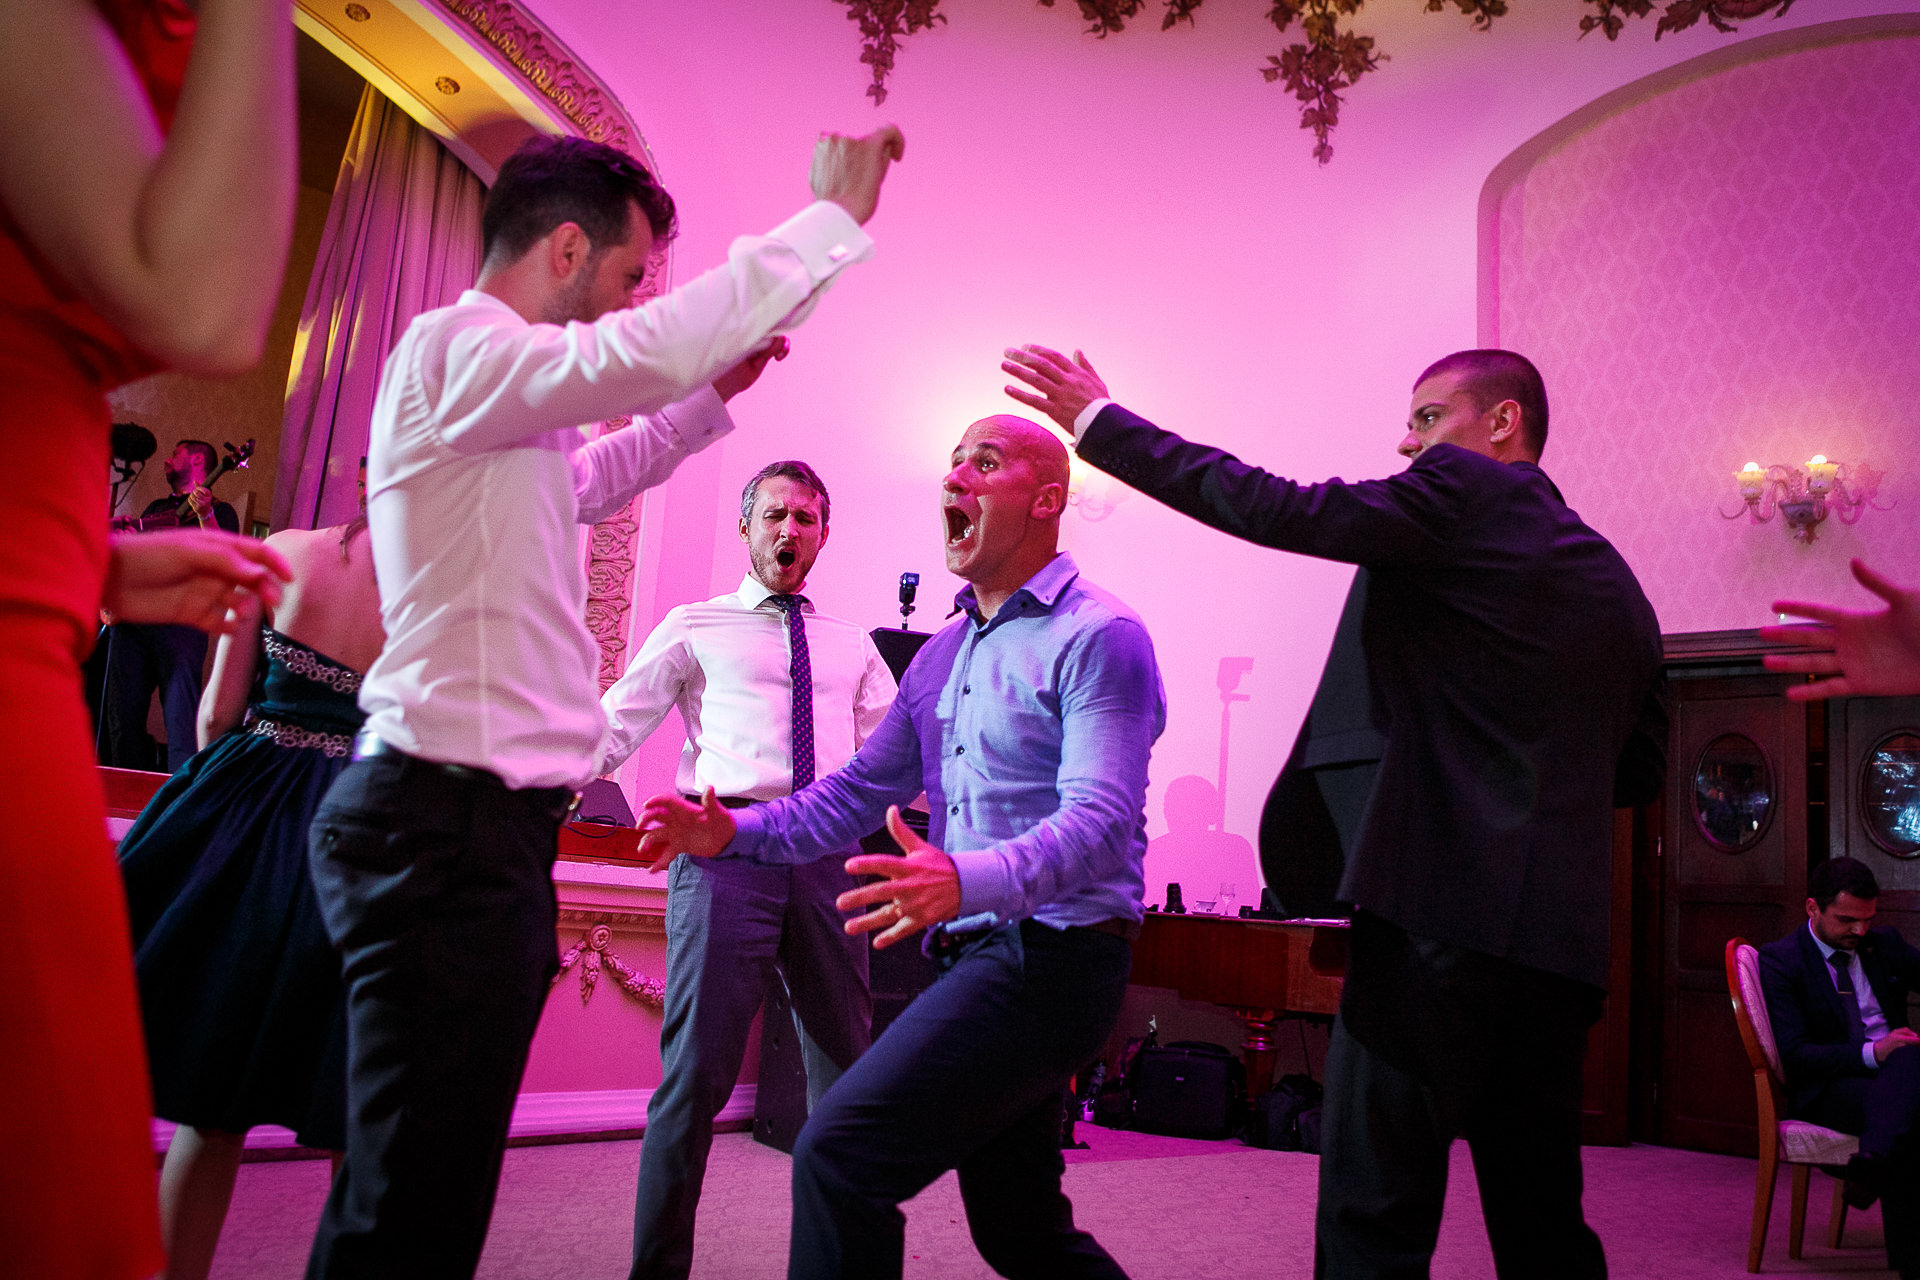 nuntă Salon Elisabeta - Elena şi Costin - Mihai Zaharia Photography - 101